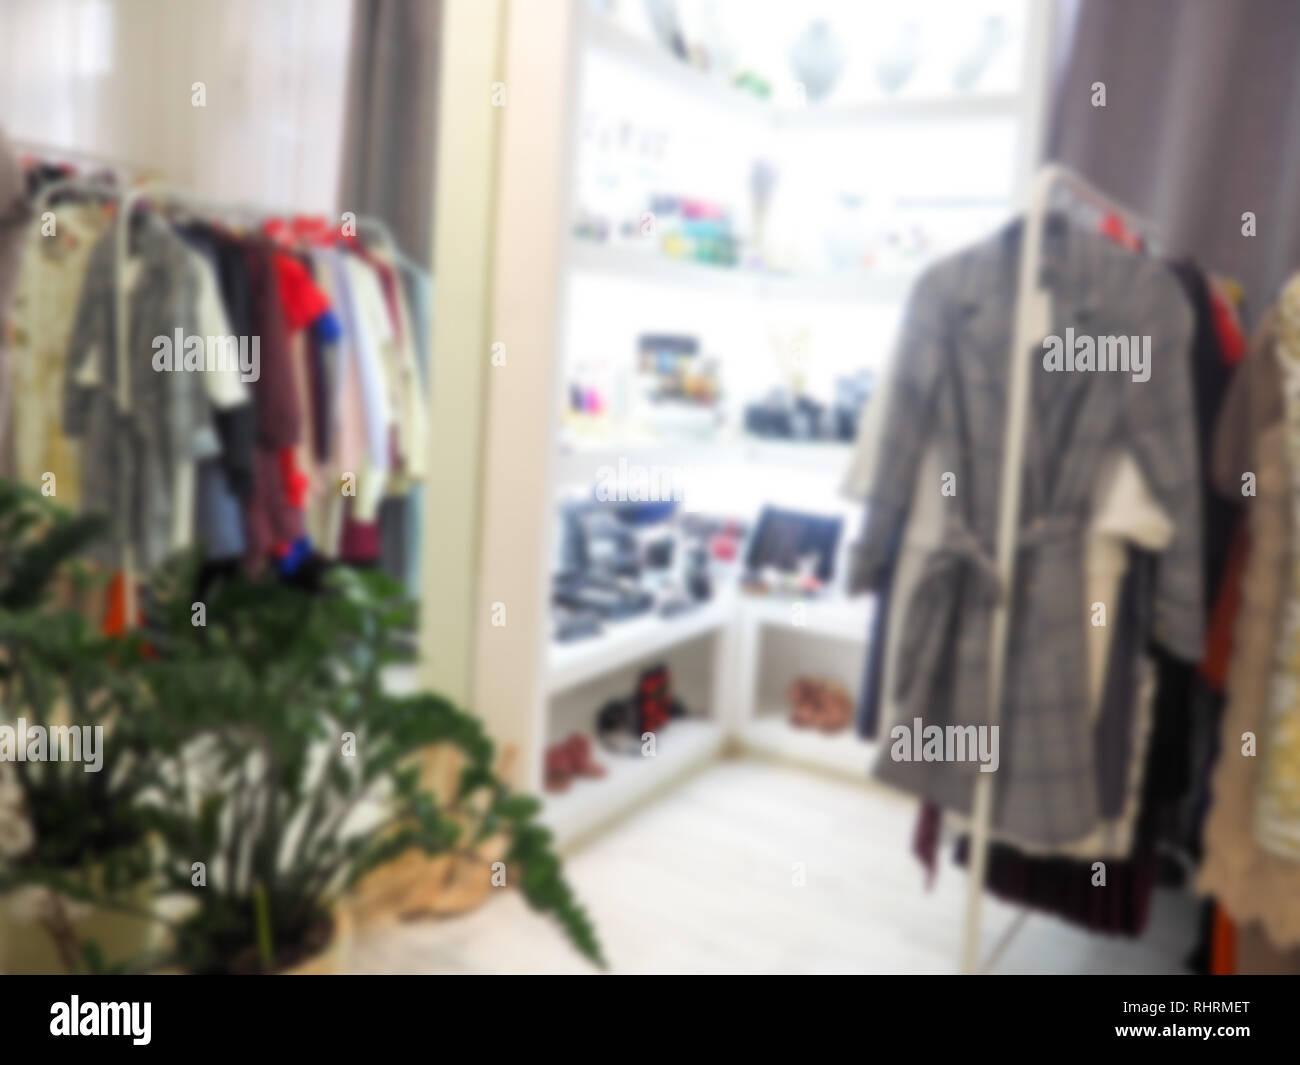 En el colgador de ropa borrosa en la tienda de ropa. Desenfoque desenfoque abstracto y centro comercial del departamento interior de la tienda de fondo. Foto de stock